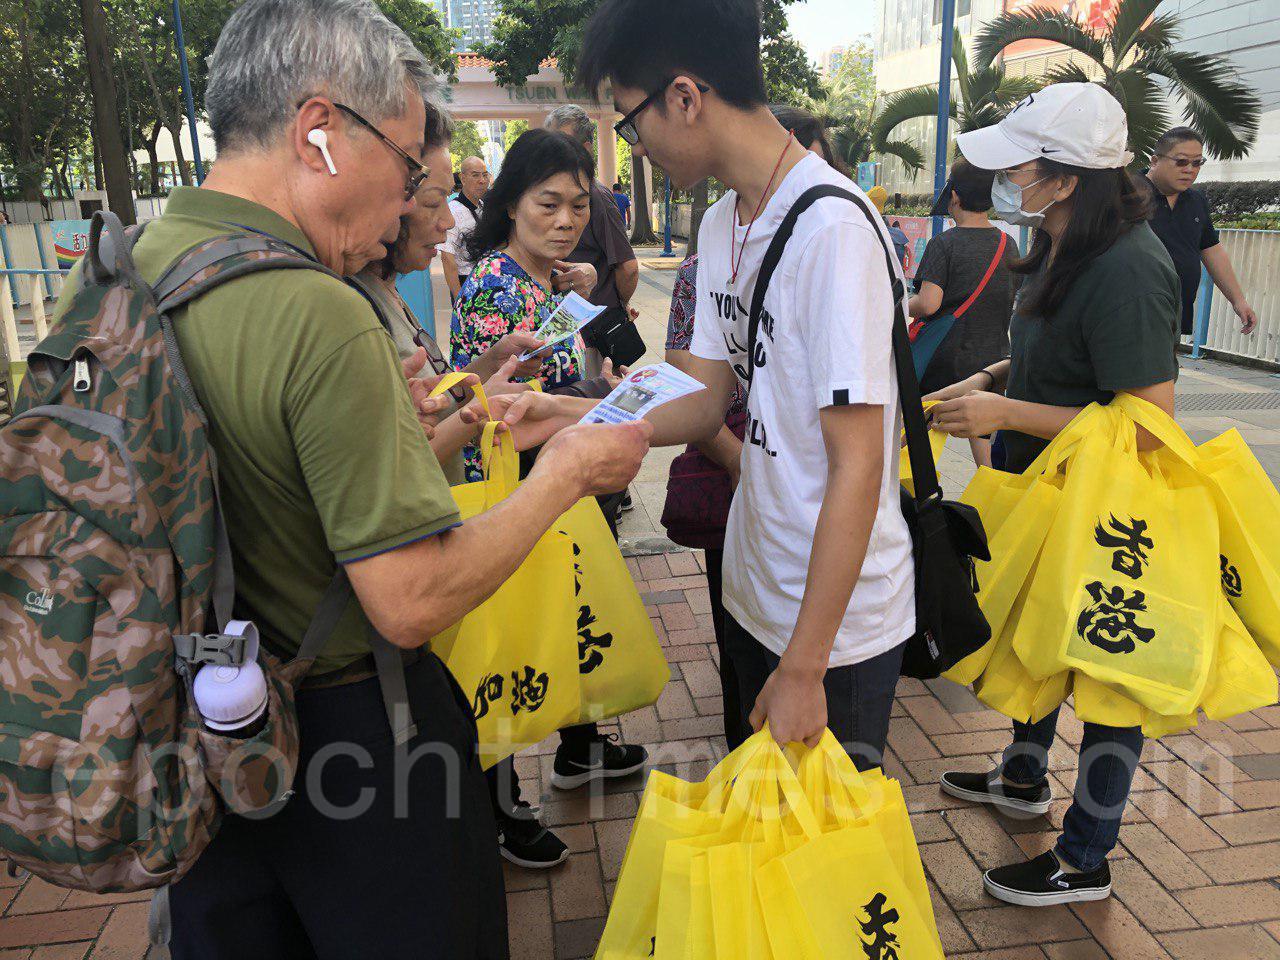 11月3日,在荃灣發起向長者贈送生活日用品,關懷長者的活動。(余天佑/大紀元)